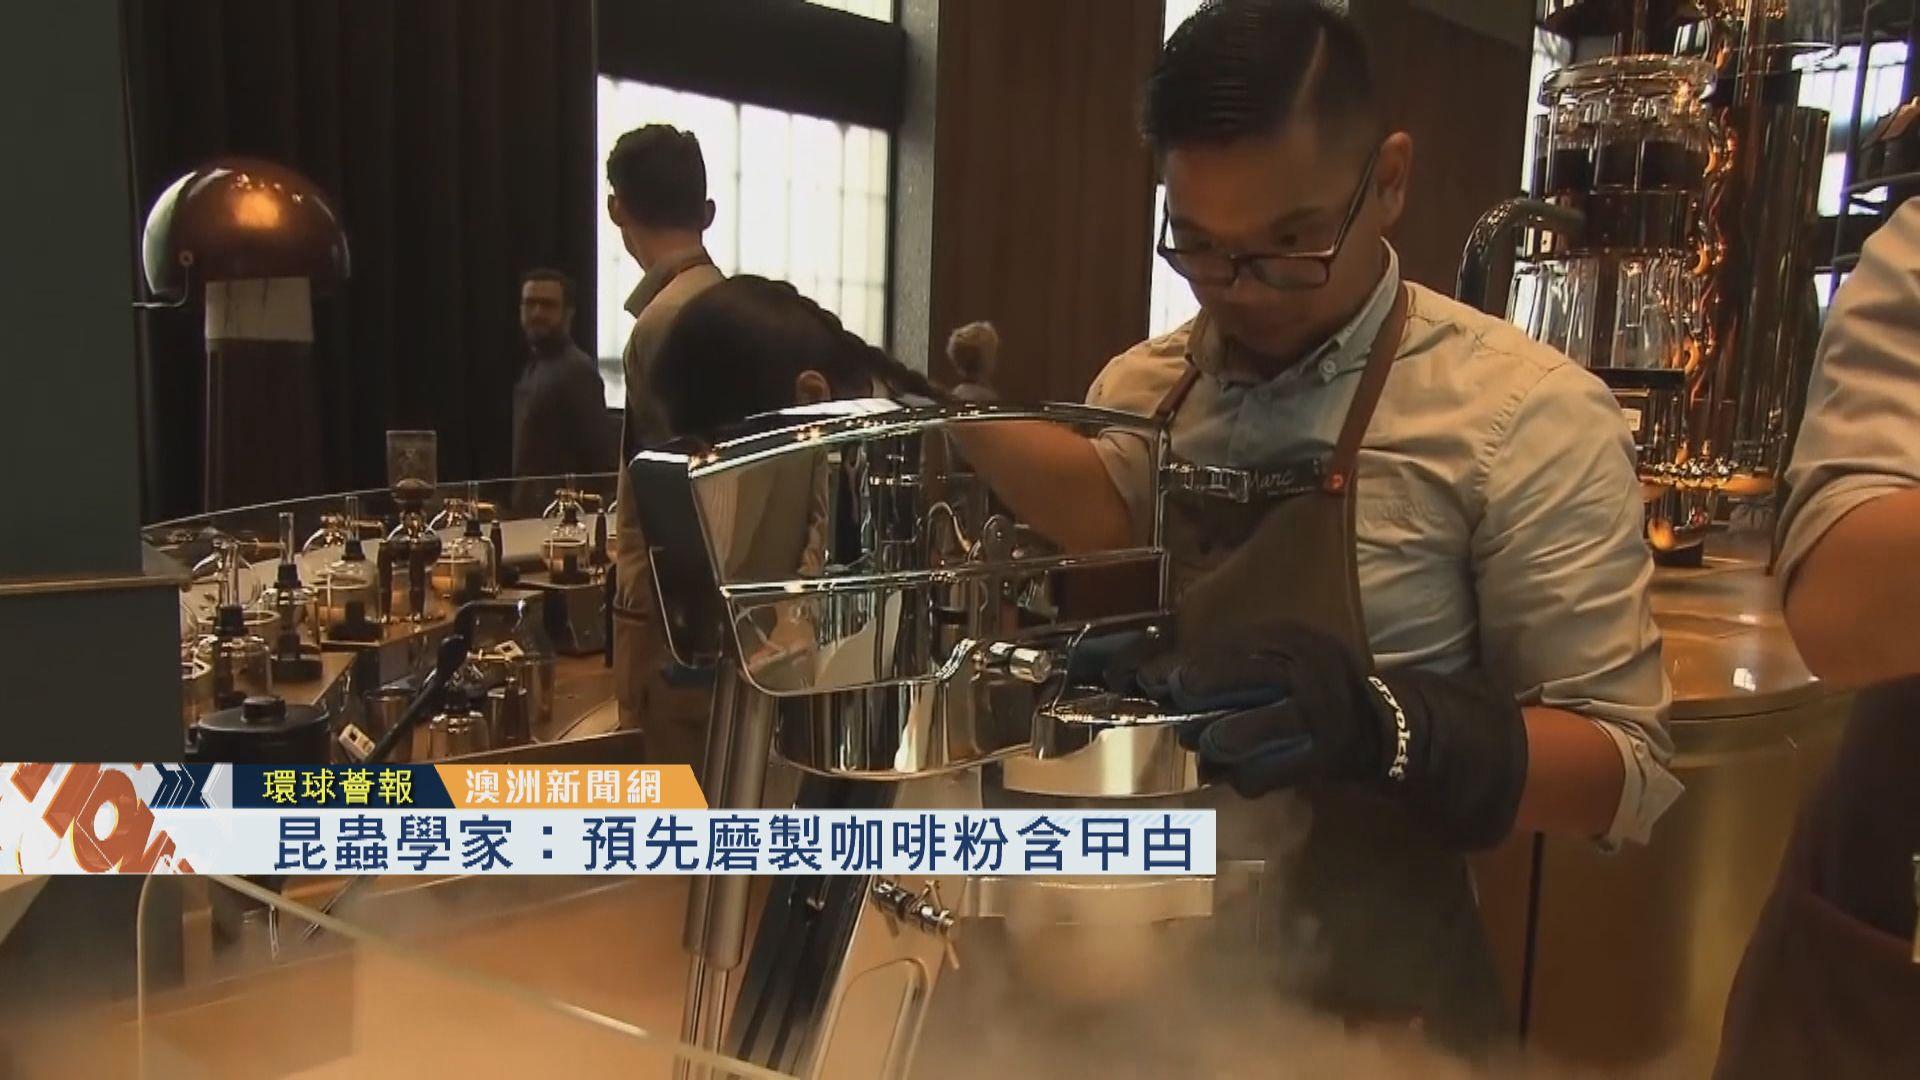 【環球薈報】昆蟲學家:預先磨製咖啡粉含曱甴